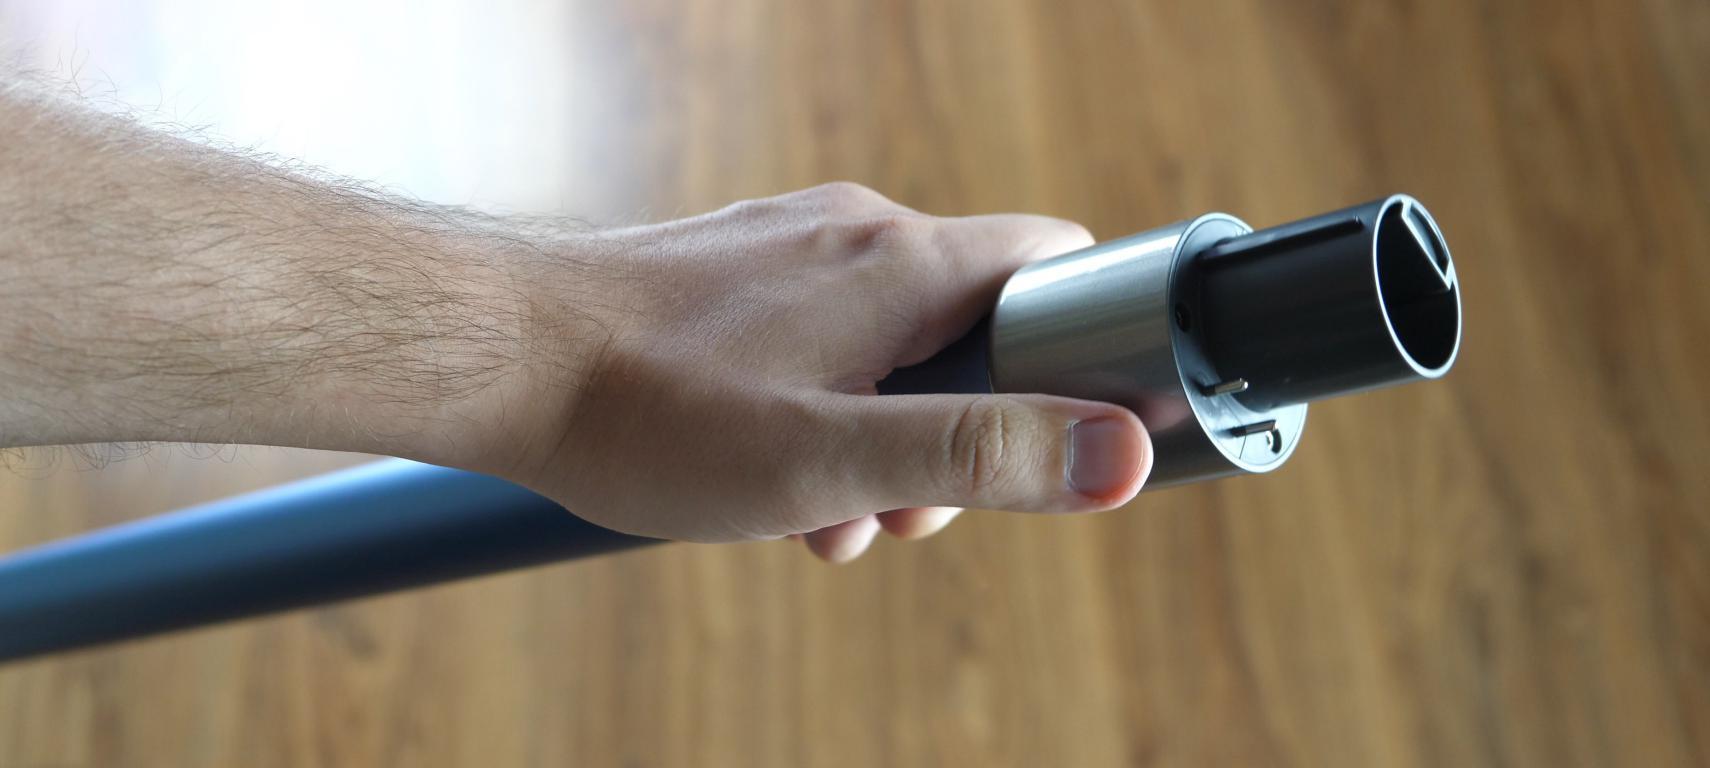 Dreame T20 PRO - recenzja ulepszonej wersji bezprzewodowego odkurzacza pionowego - rura aluminiowa